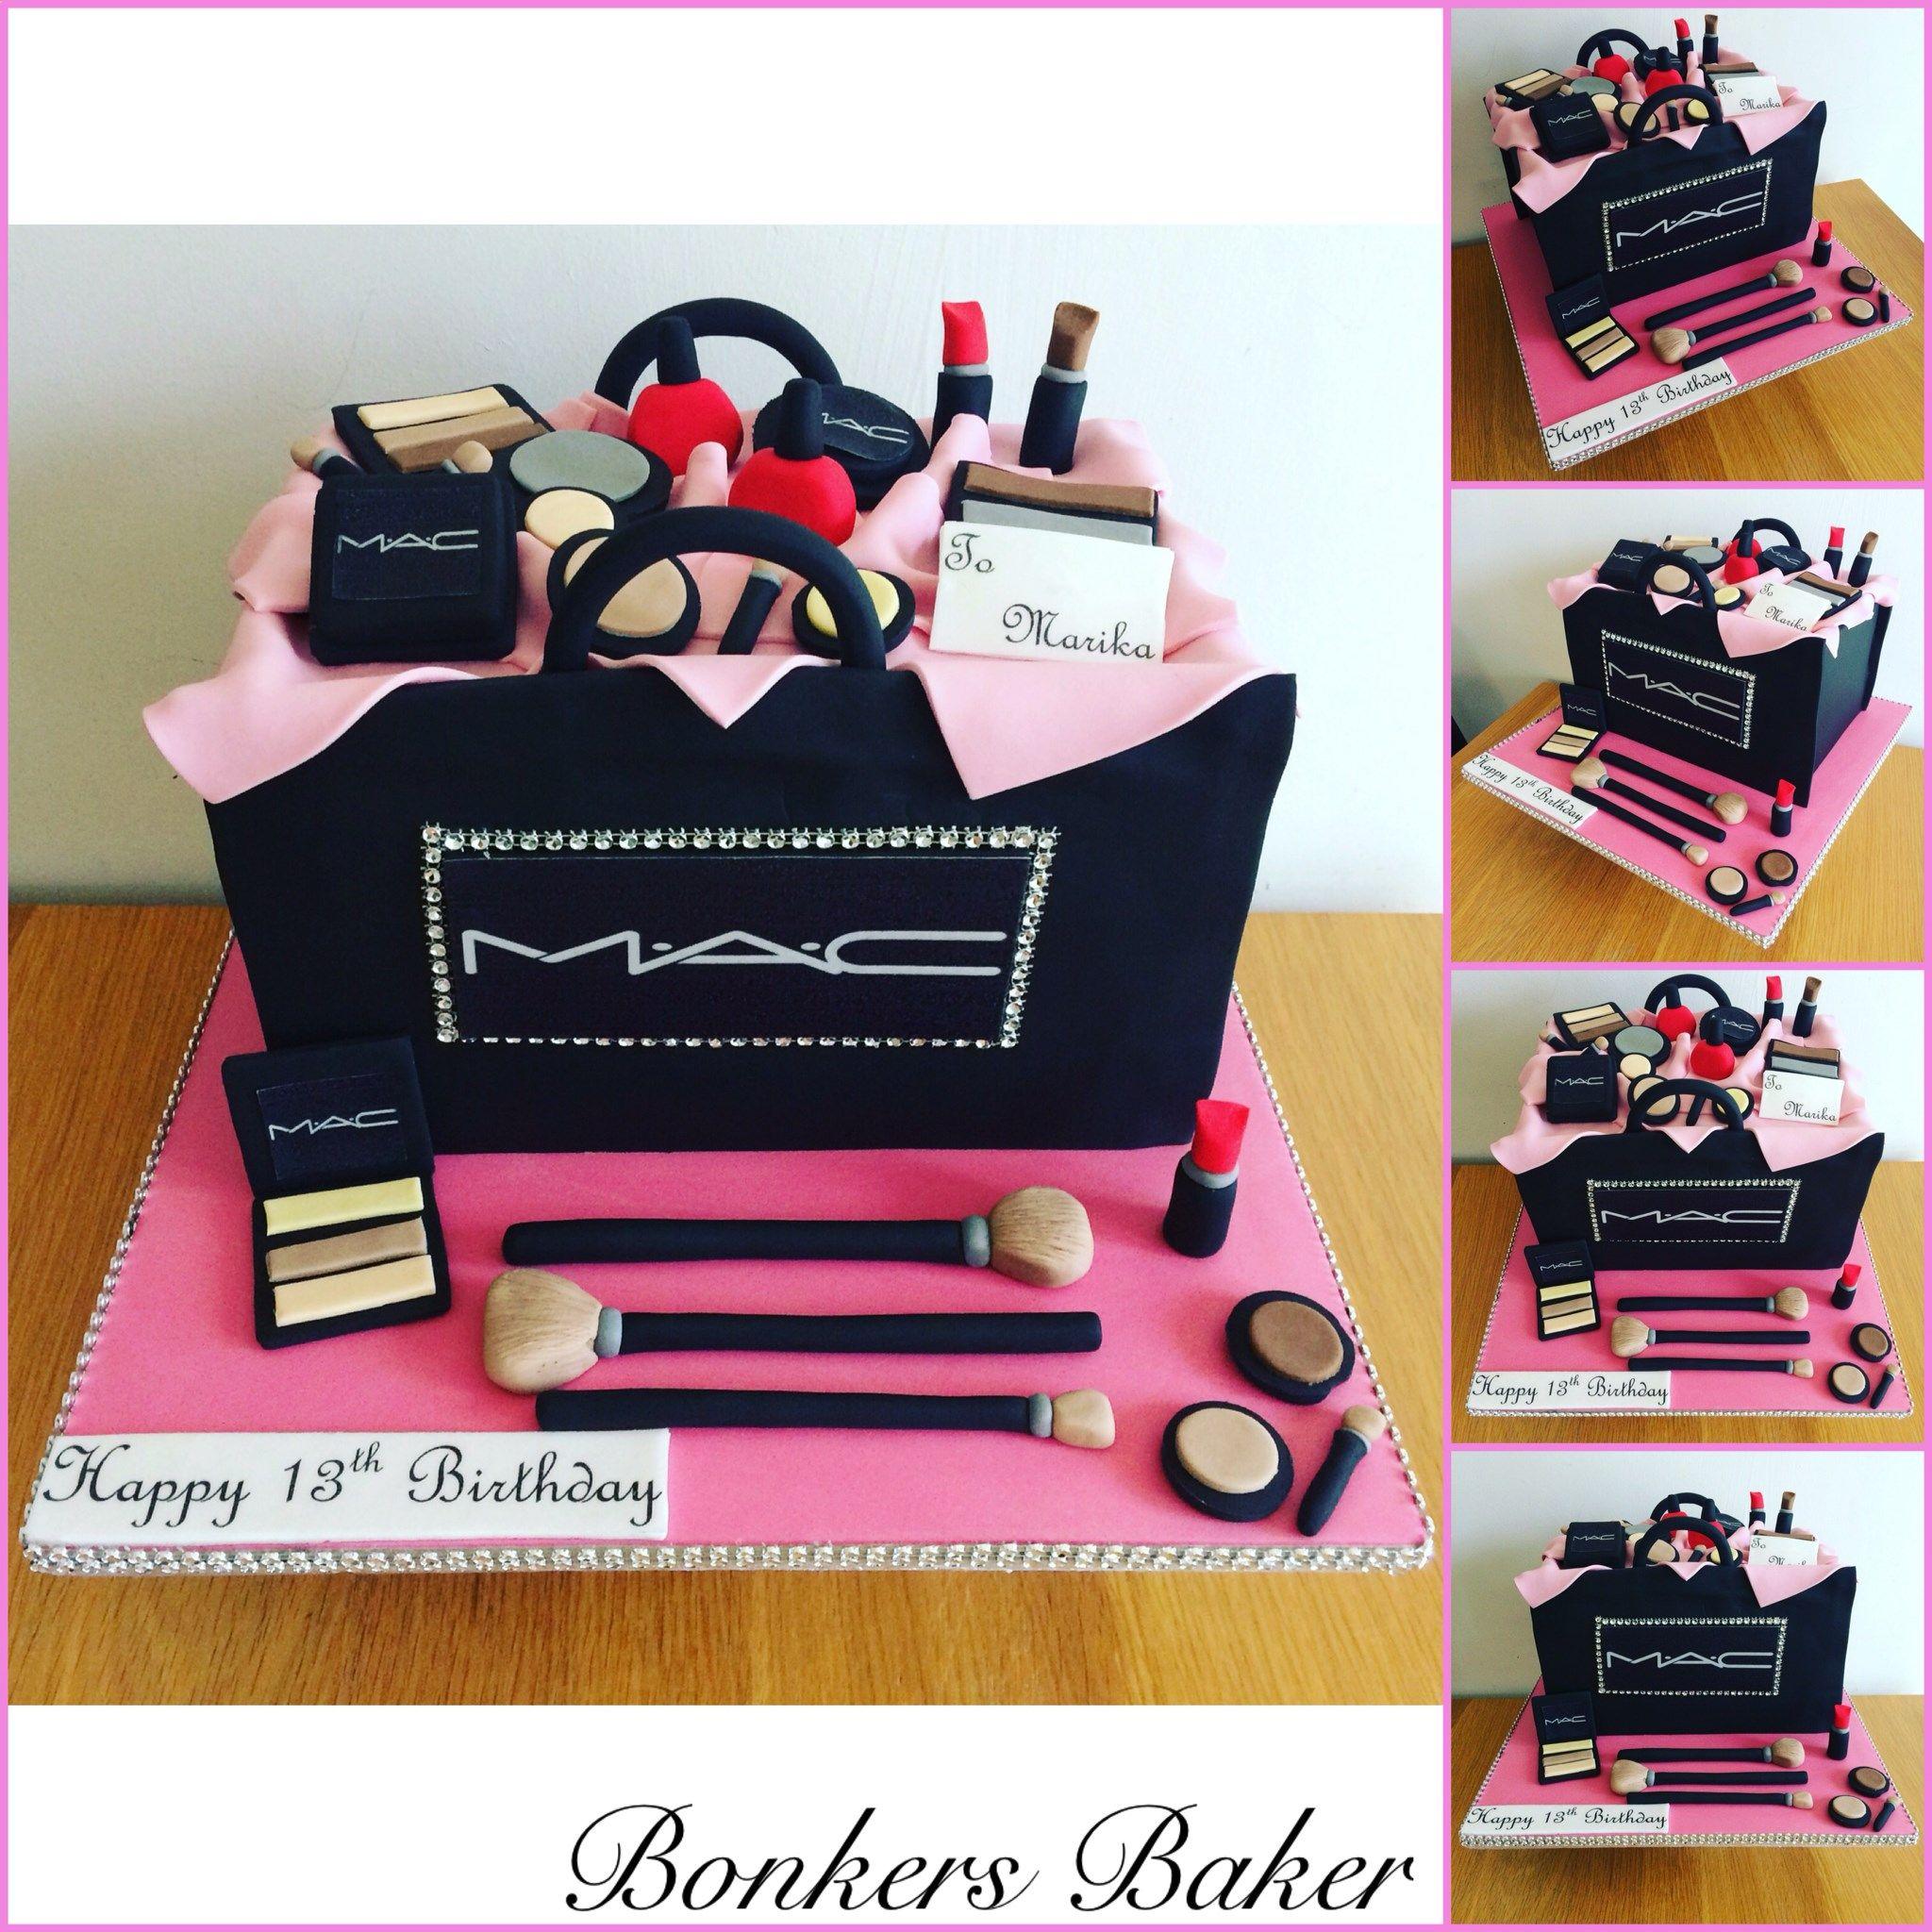 Macmakeup0 on Macs Cake and Birthdays